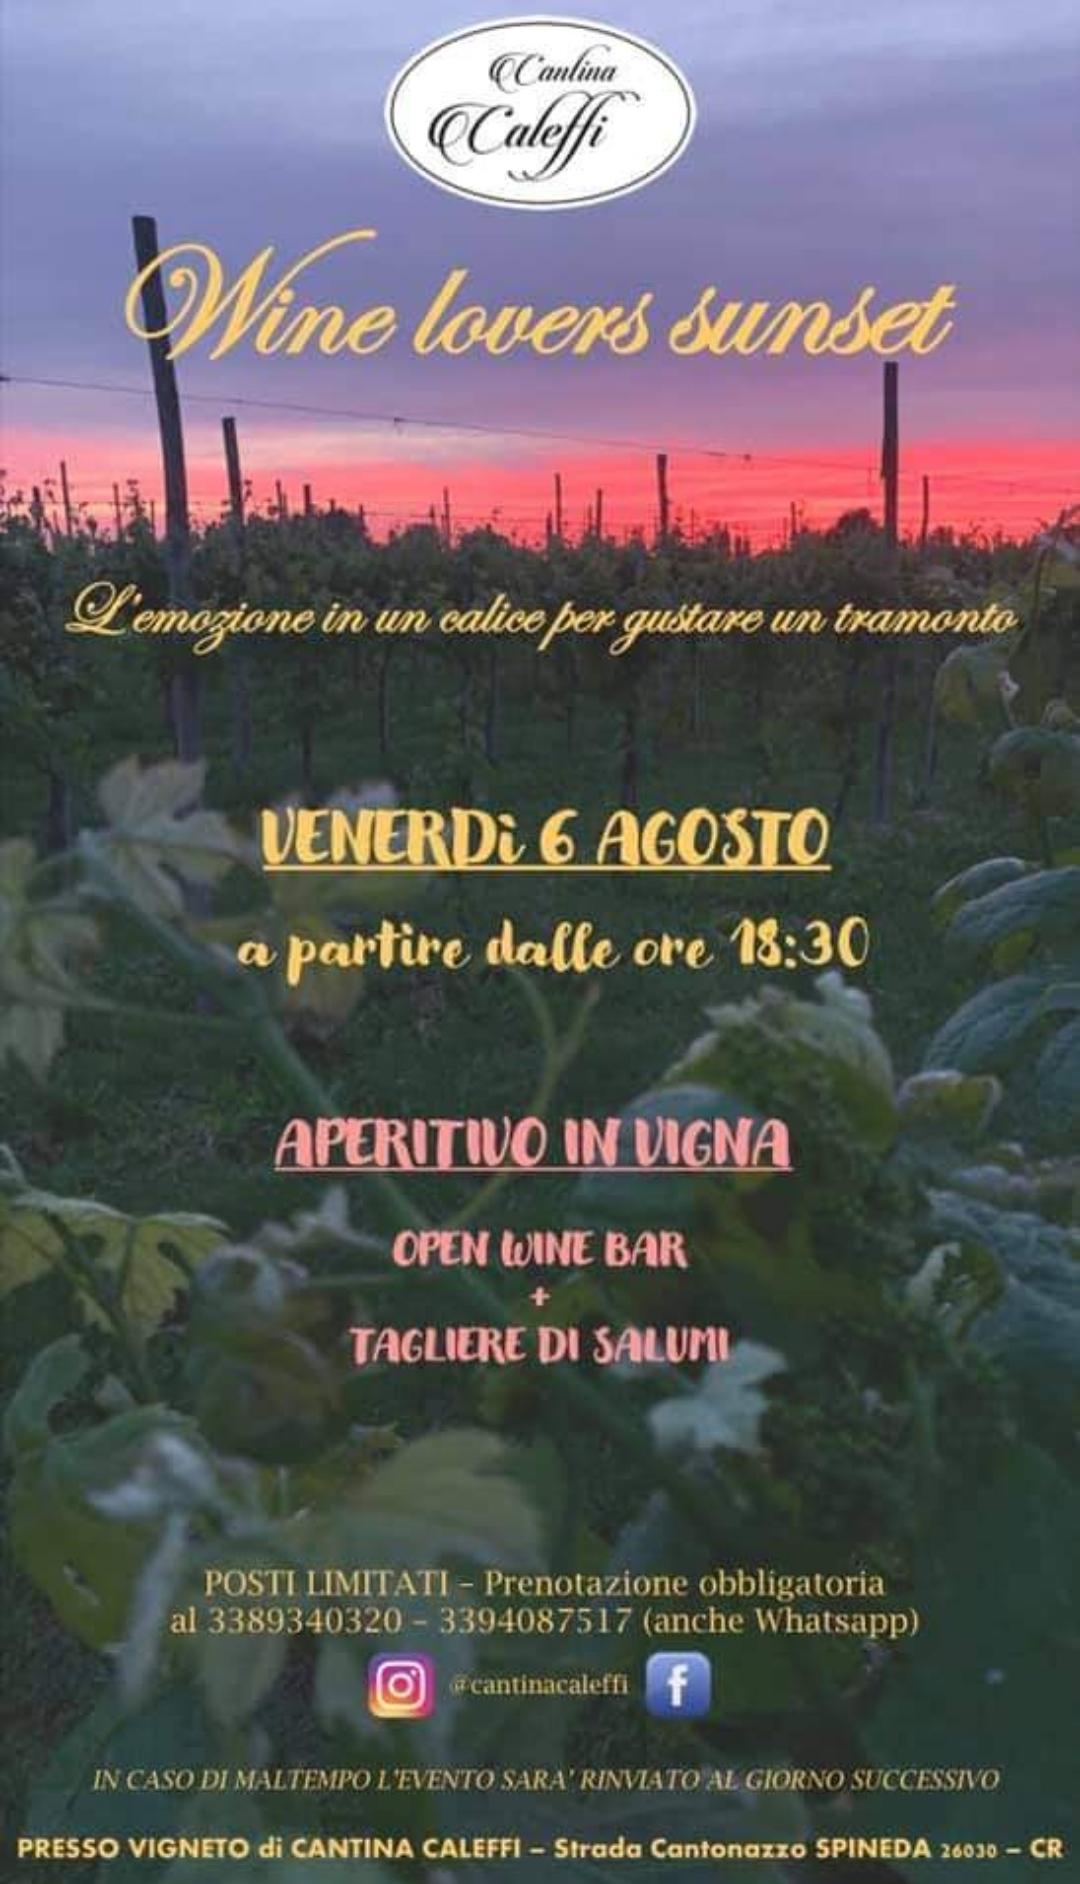 Grandioso in quel di Spineda, Granducato Magico (risparmiato dalla grandine): venerdì 6 agosto aperitivo in vigna alla Cantina Caleffi